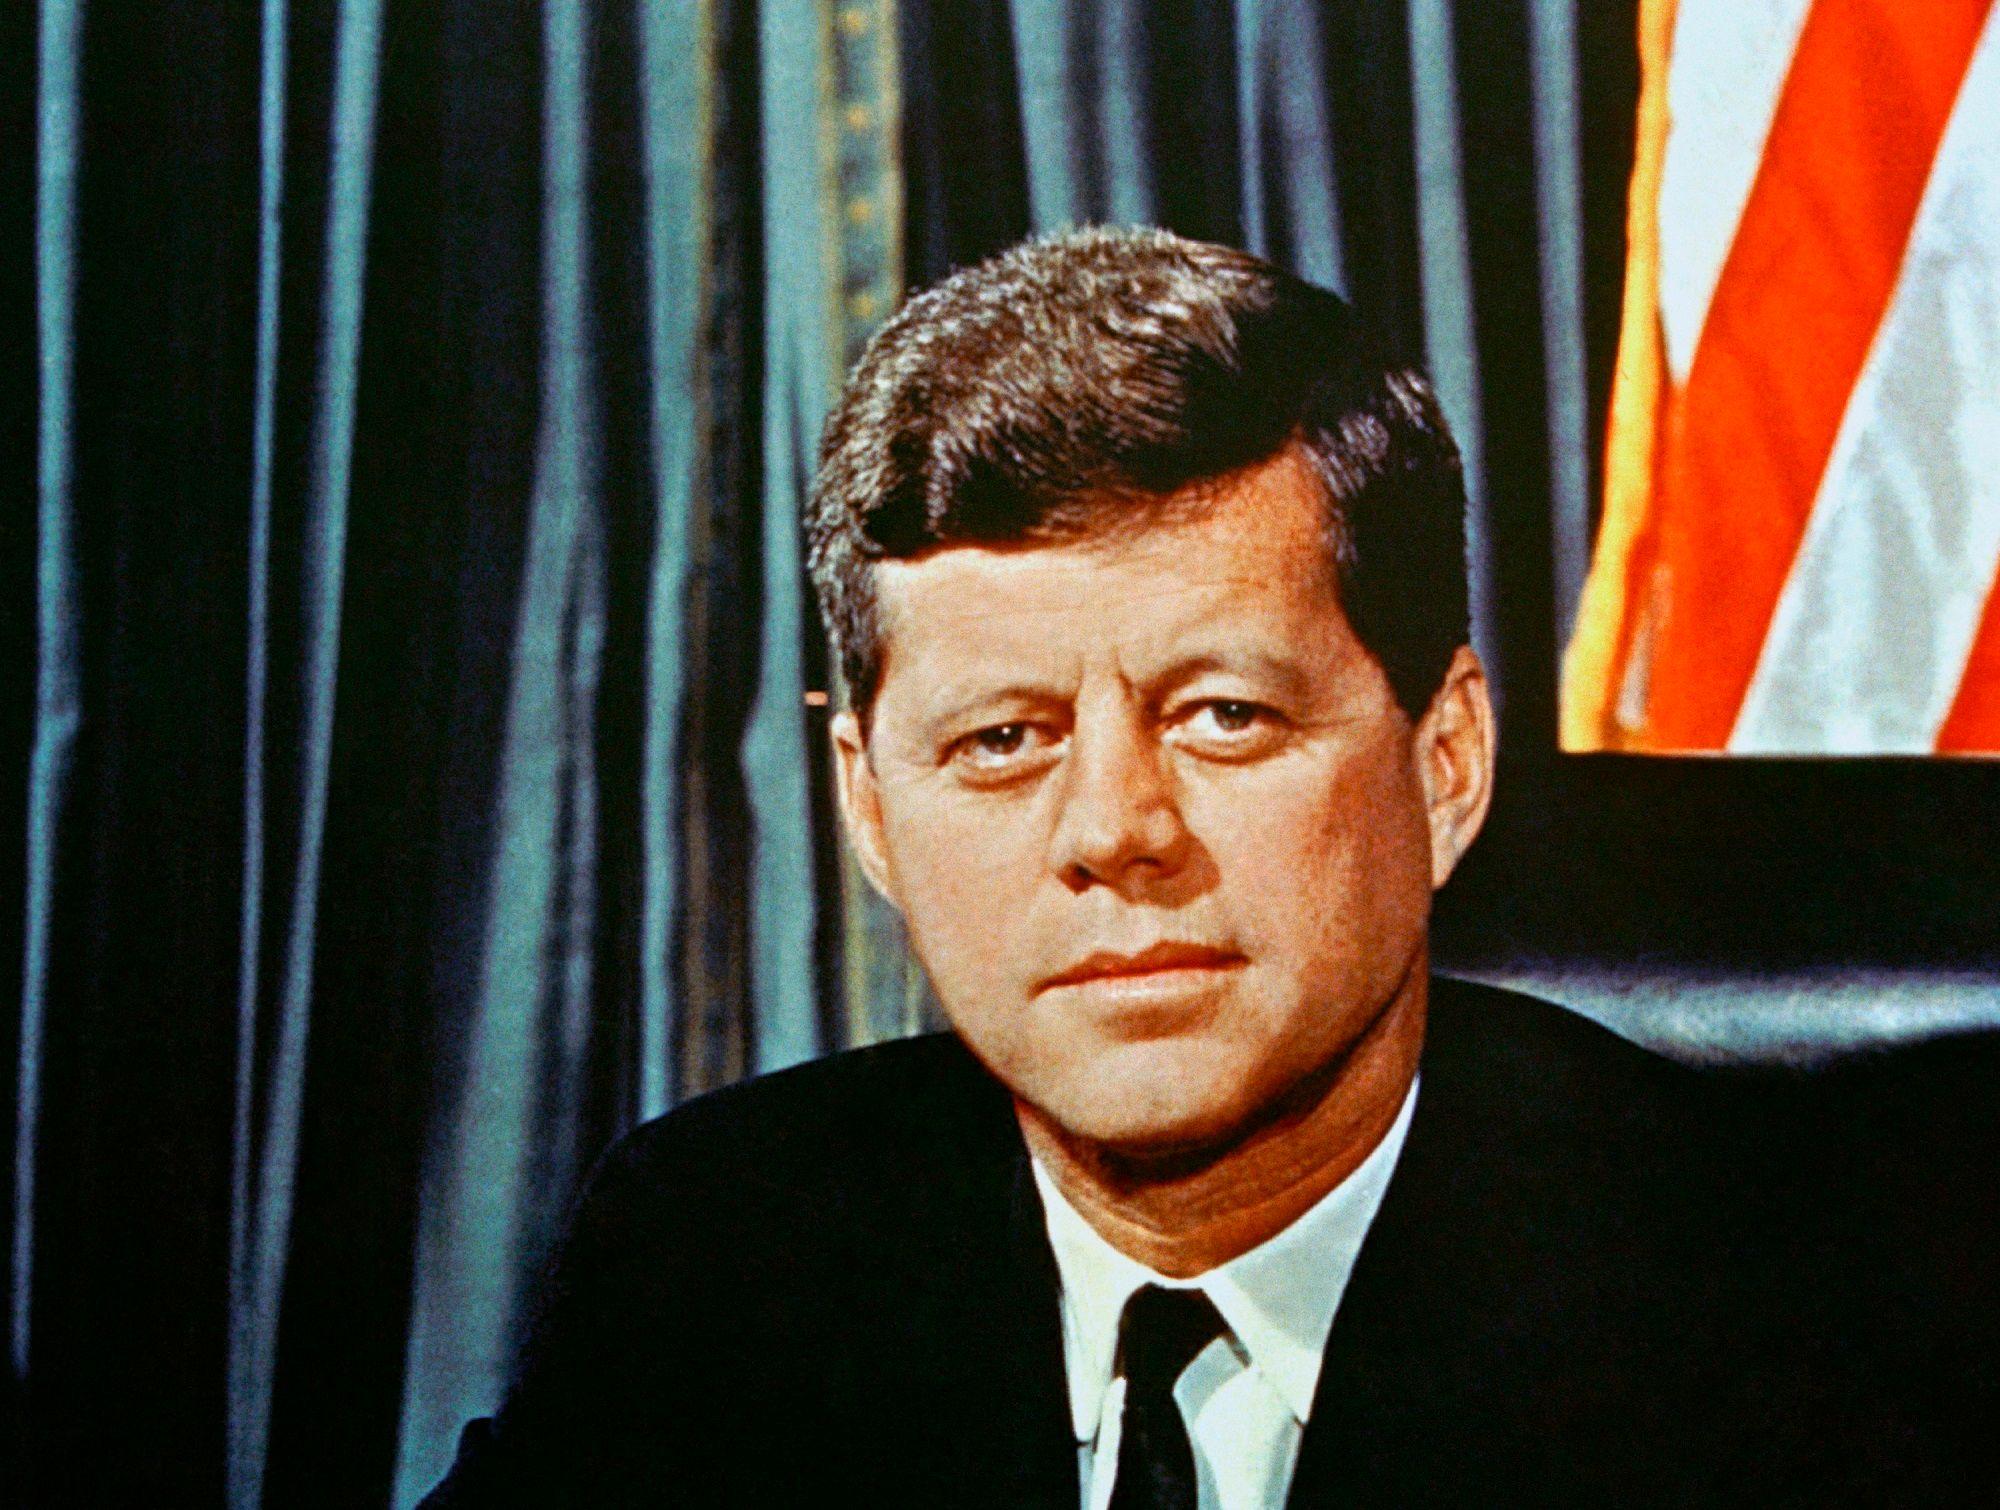 9. John F. Kennedy